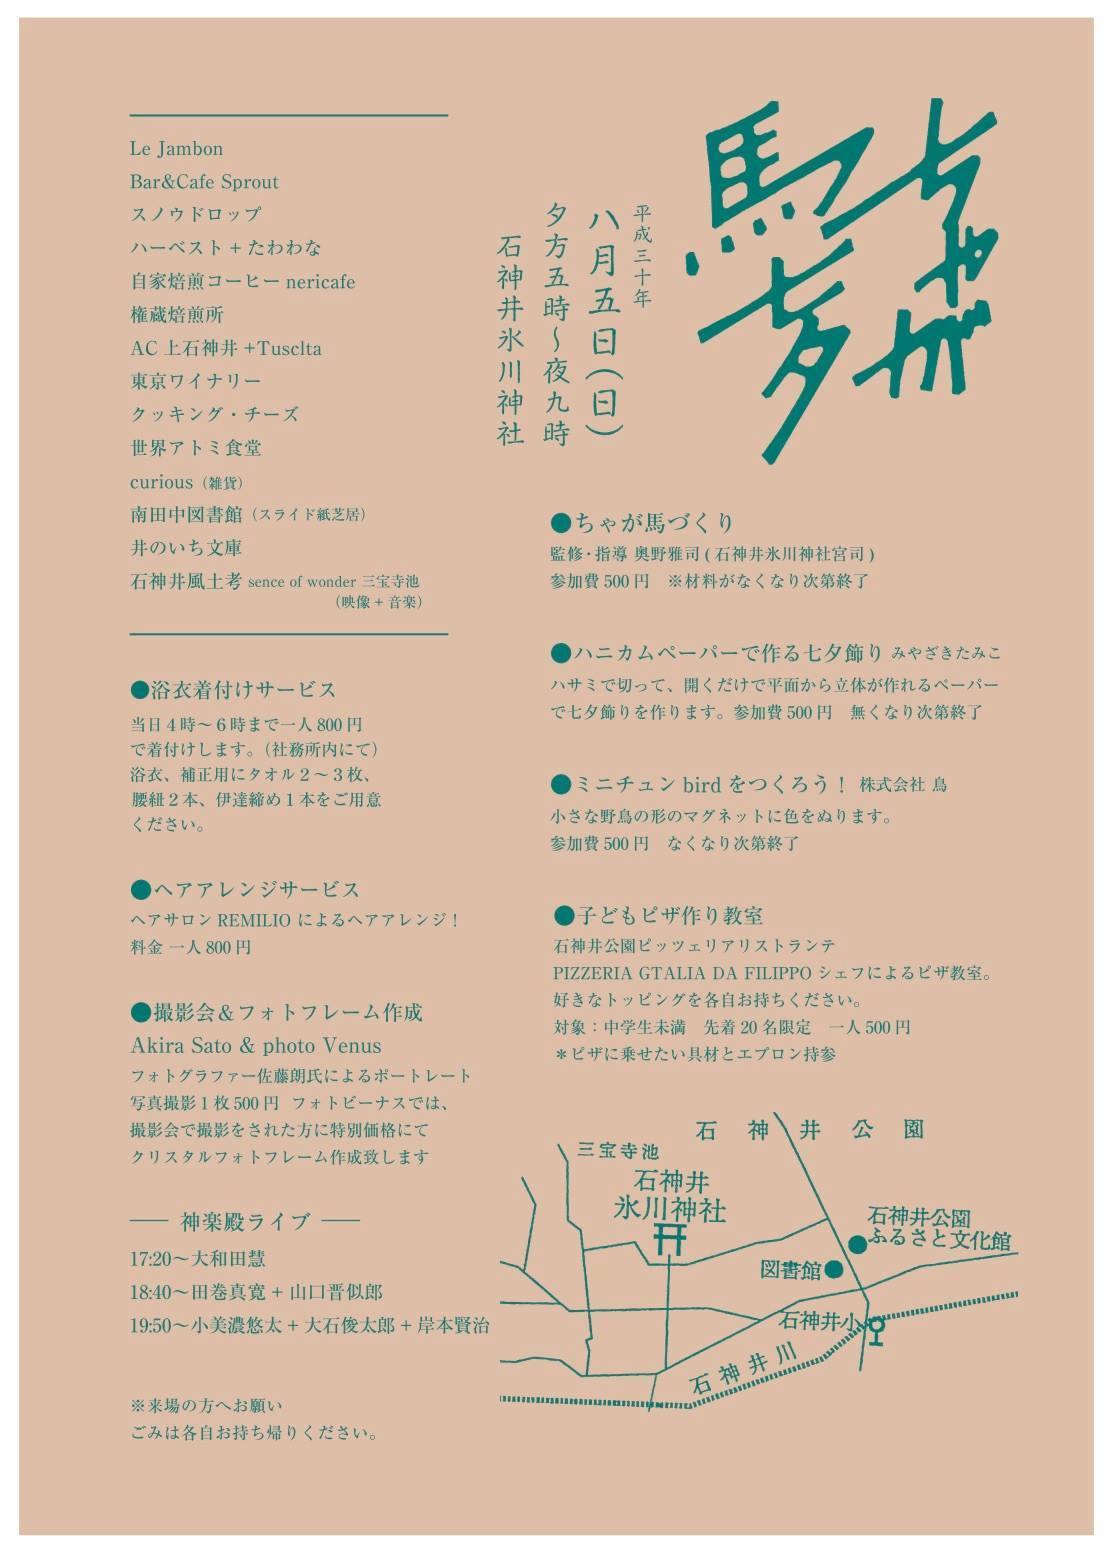 【8/6】「ちゃが馬七夕」に出店します_a0121669_12401620.jpg